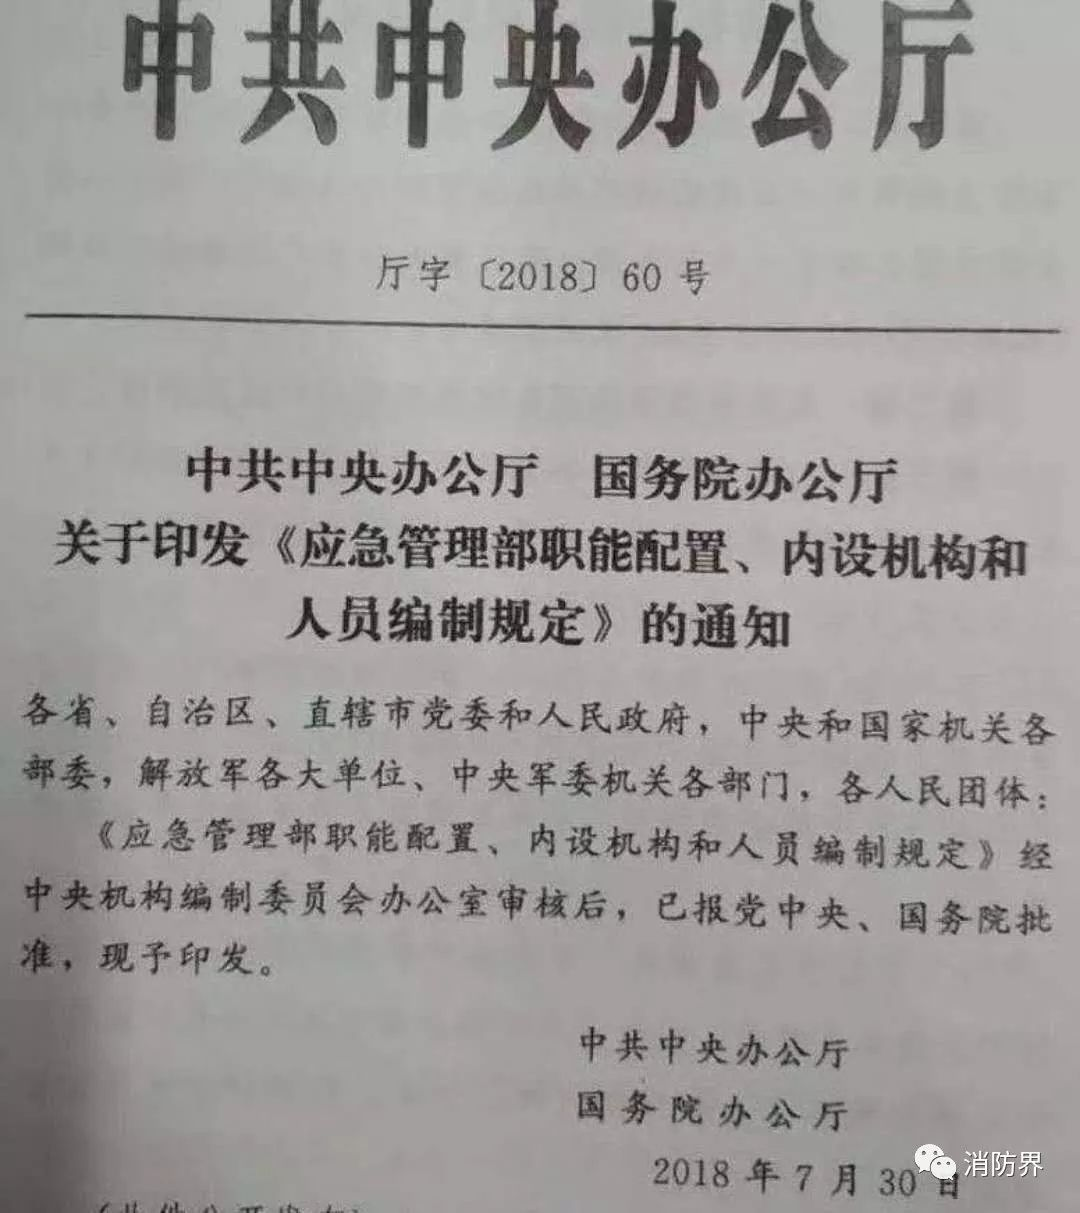 中共中央、国务院办公厅联合发文《应急管理部职能配置、内设机构和人员编制规定》